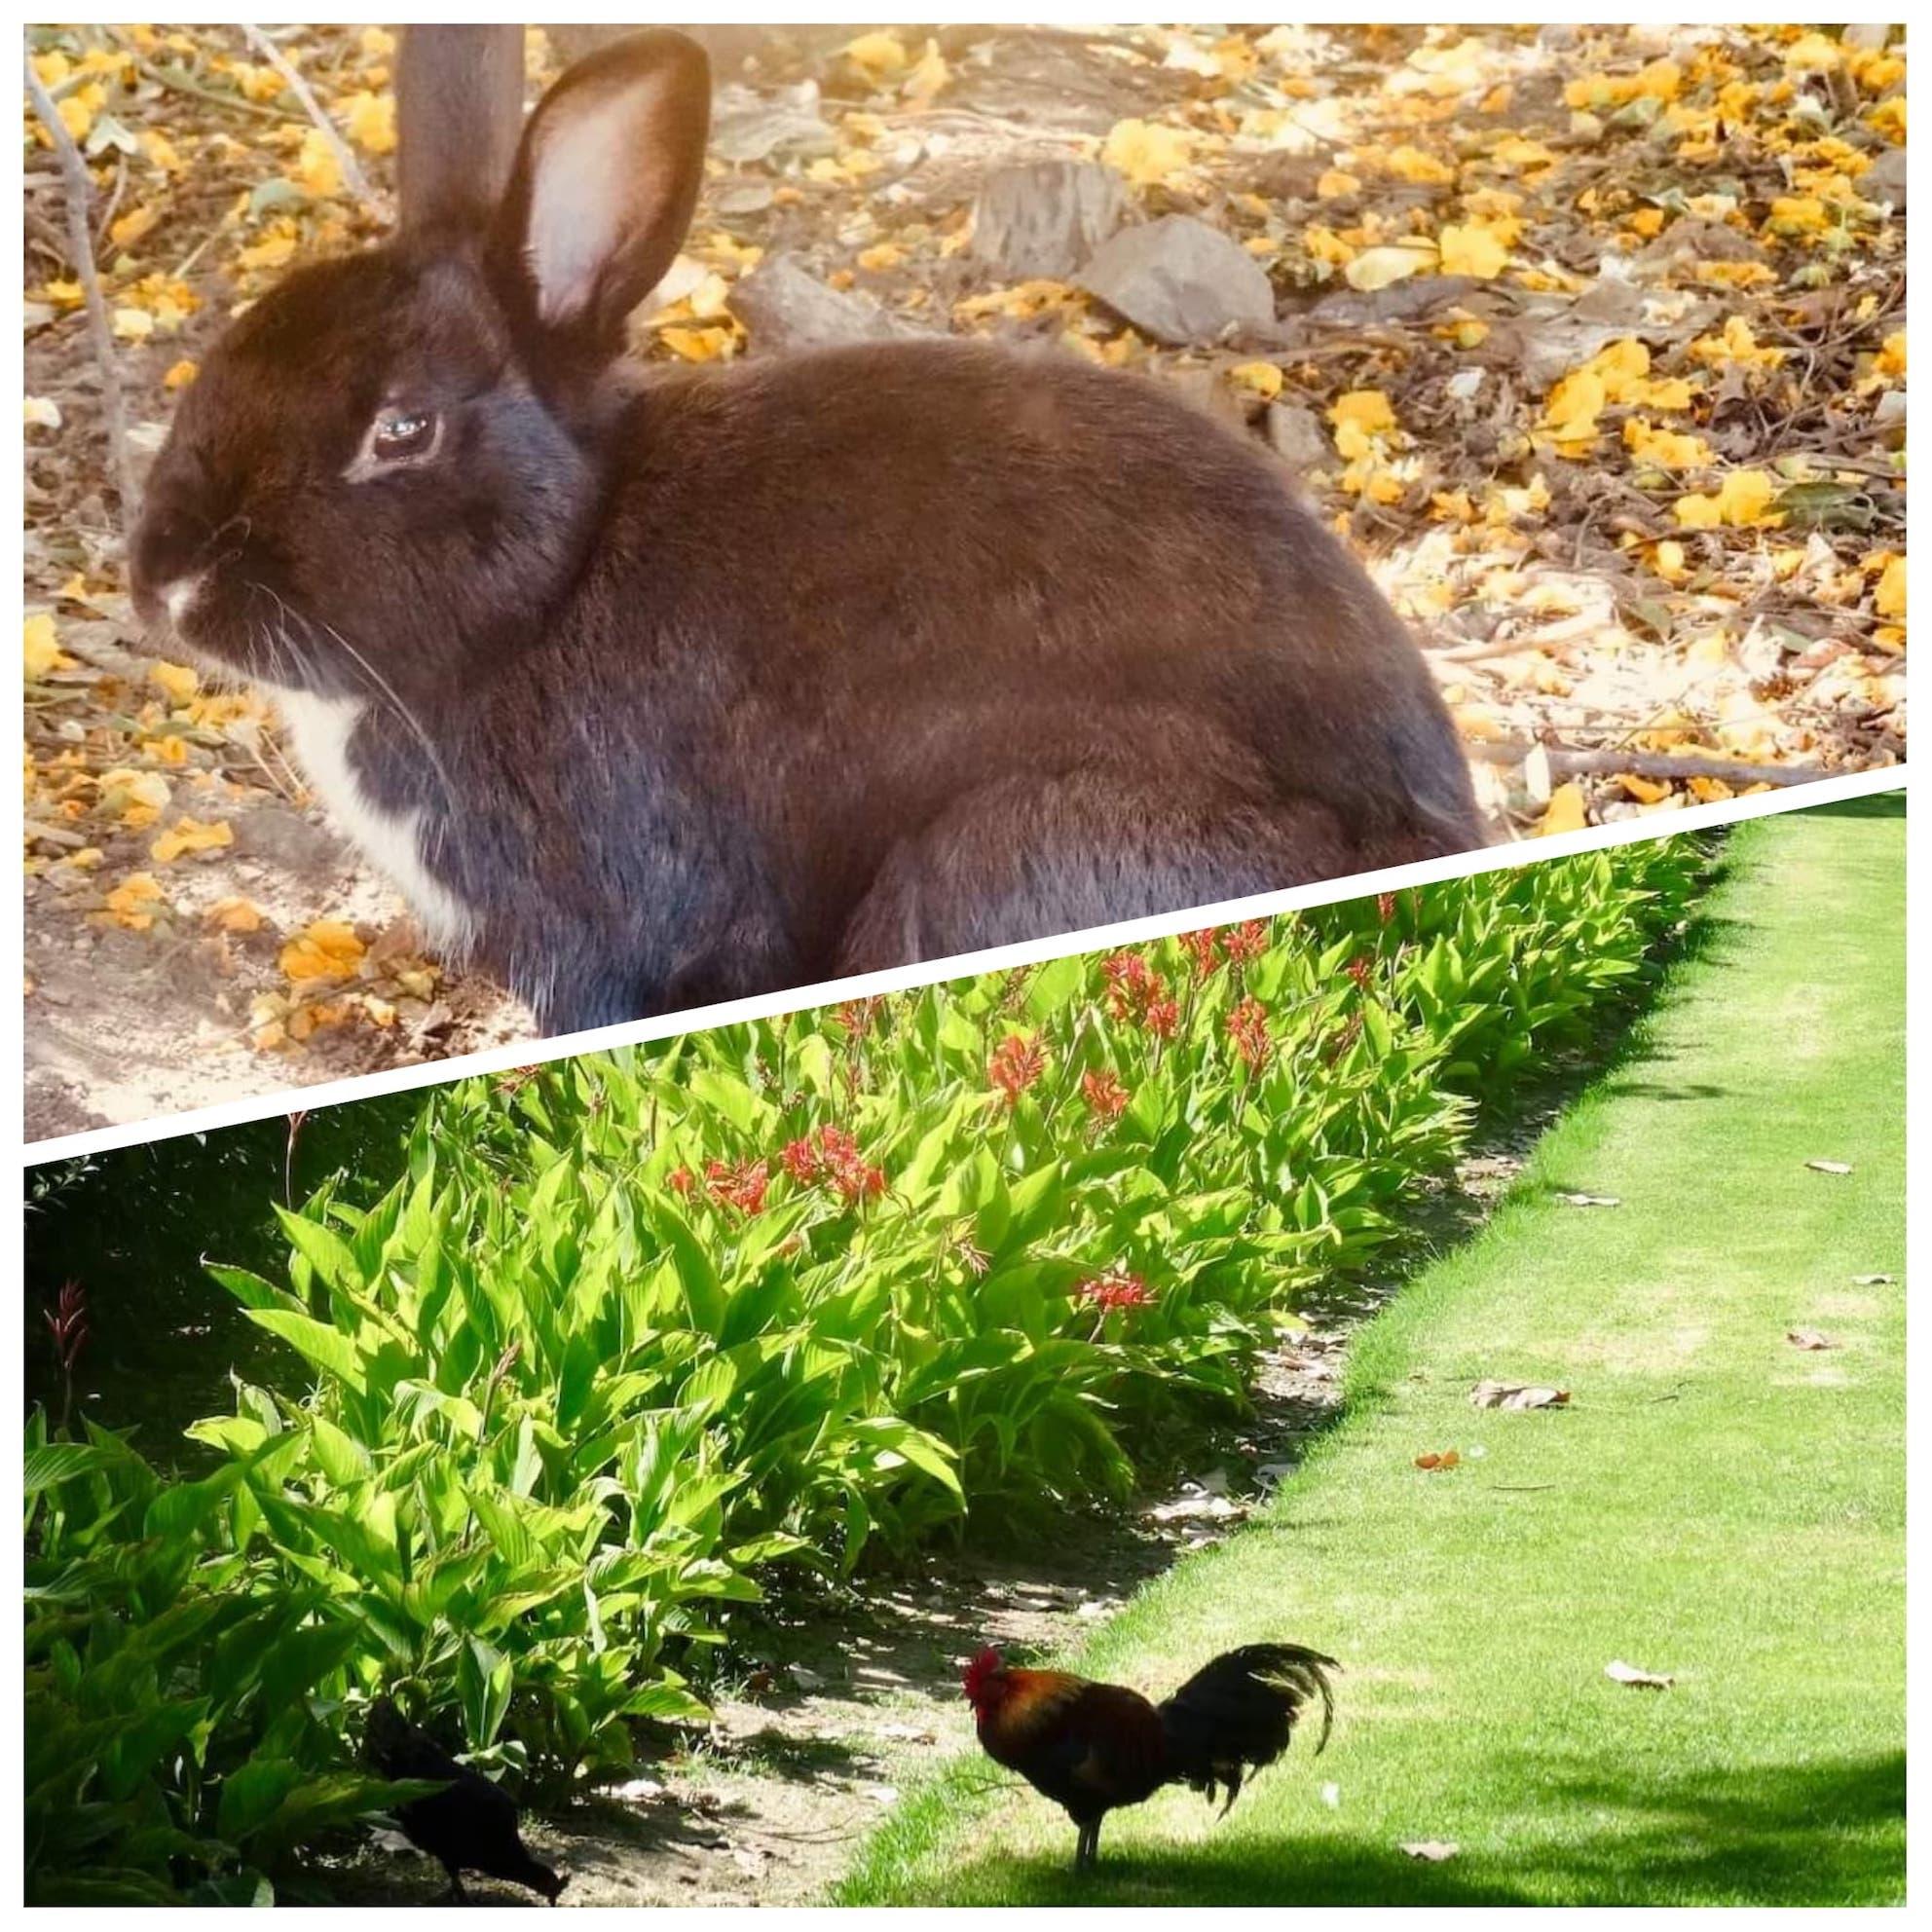 Animals at Parque de la Paloma Benalmadena.